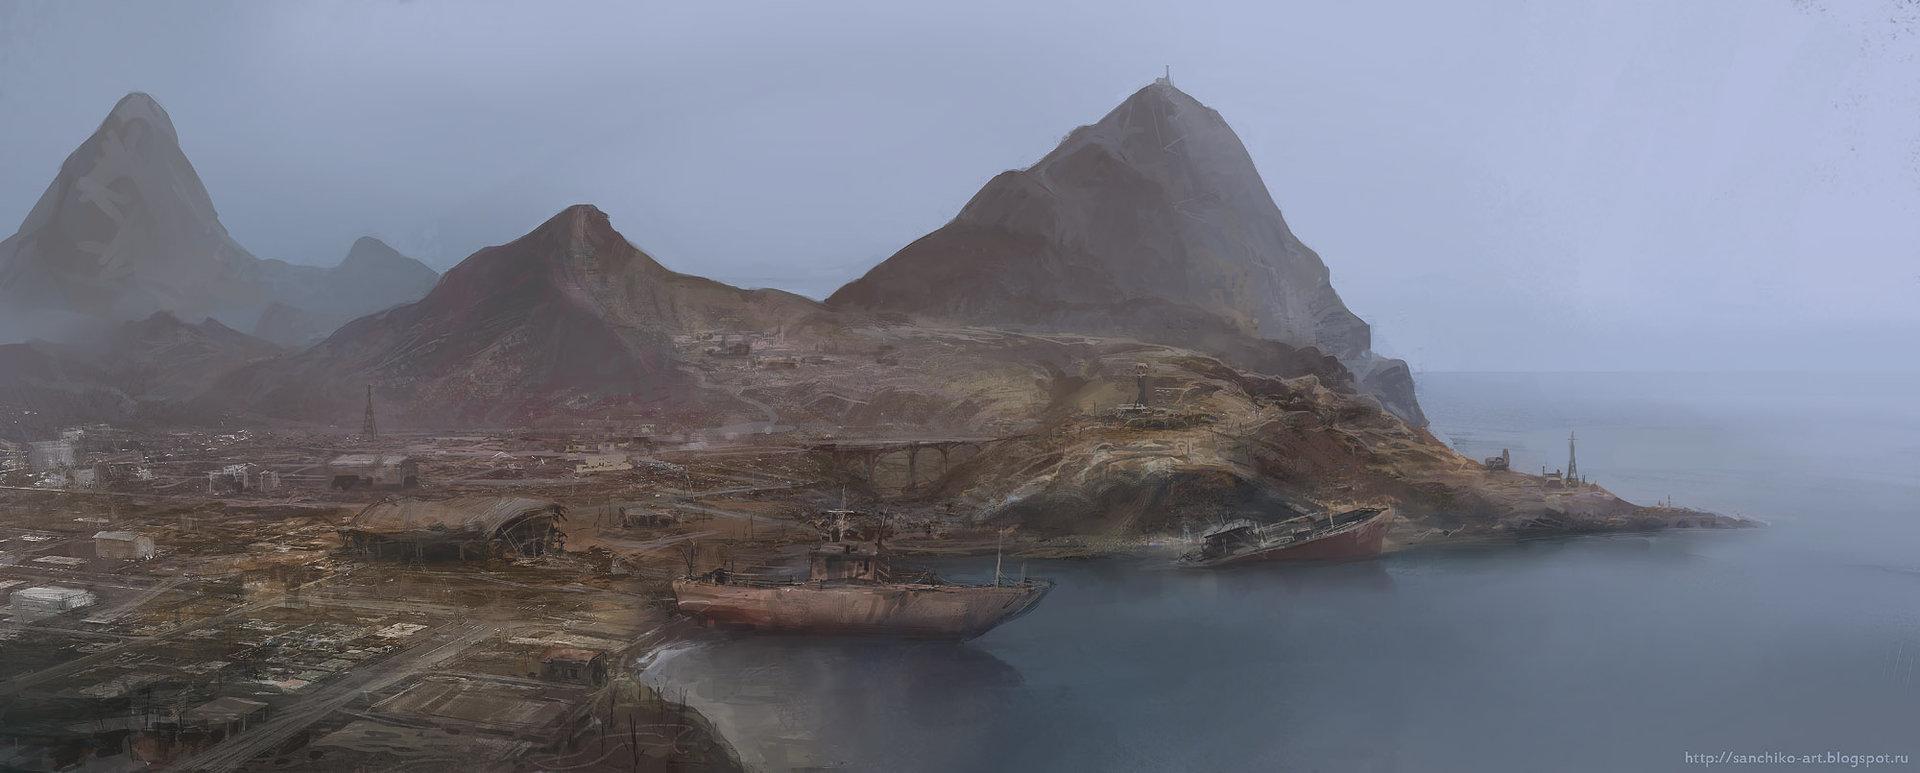 Alexander chelyshev rusty coast s